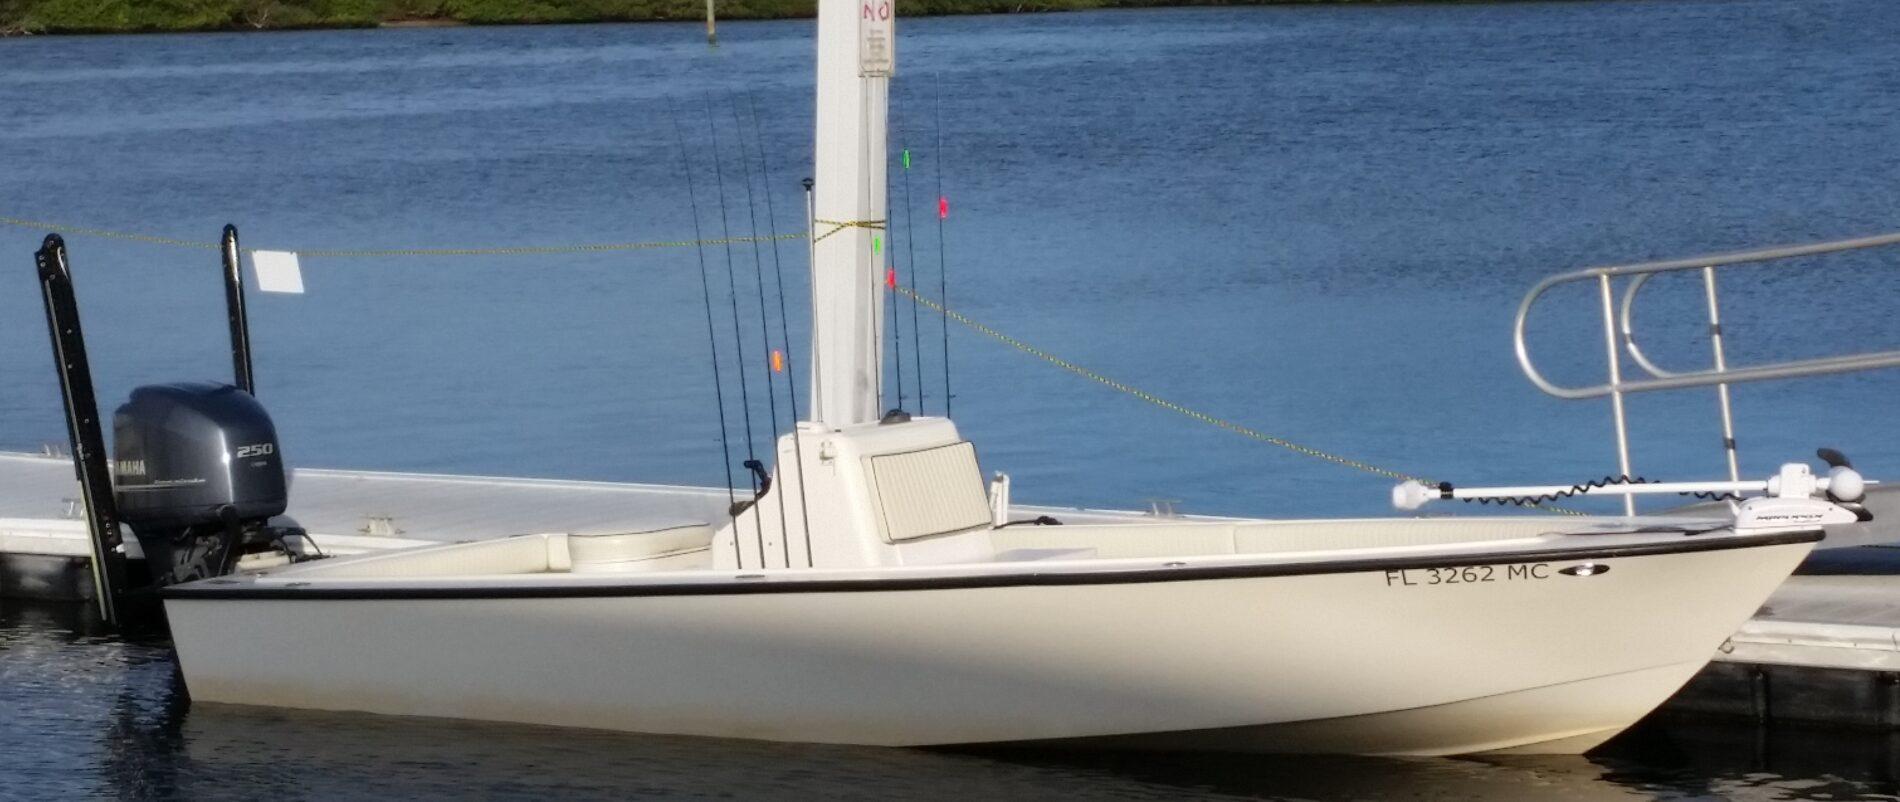 Flats fishing boats charter boat fishing near me in for Boat fishing near me